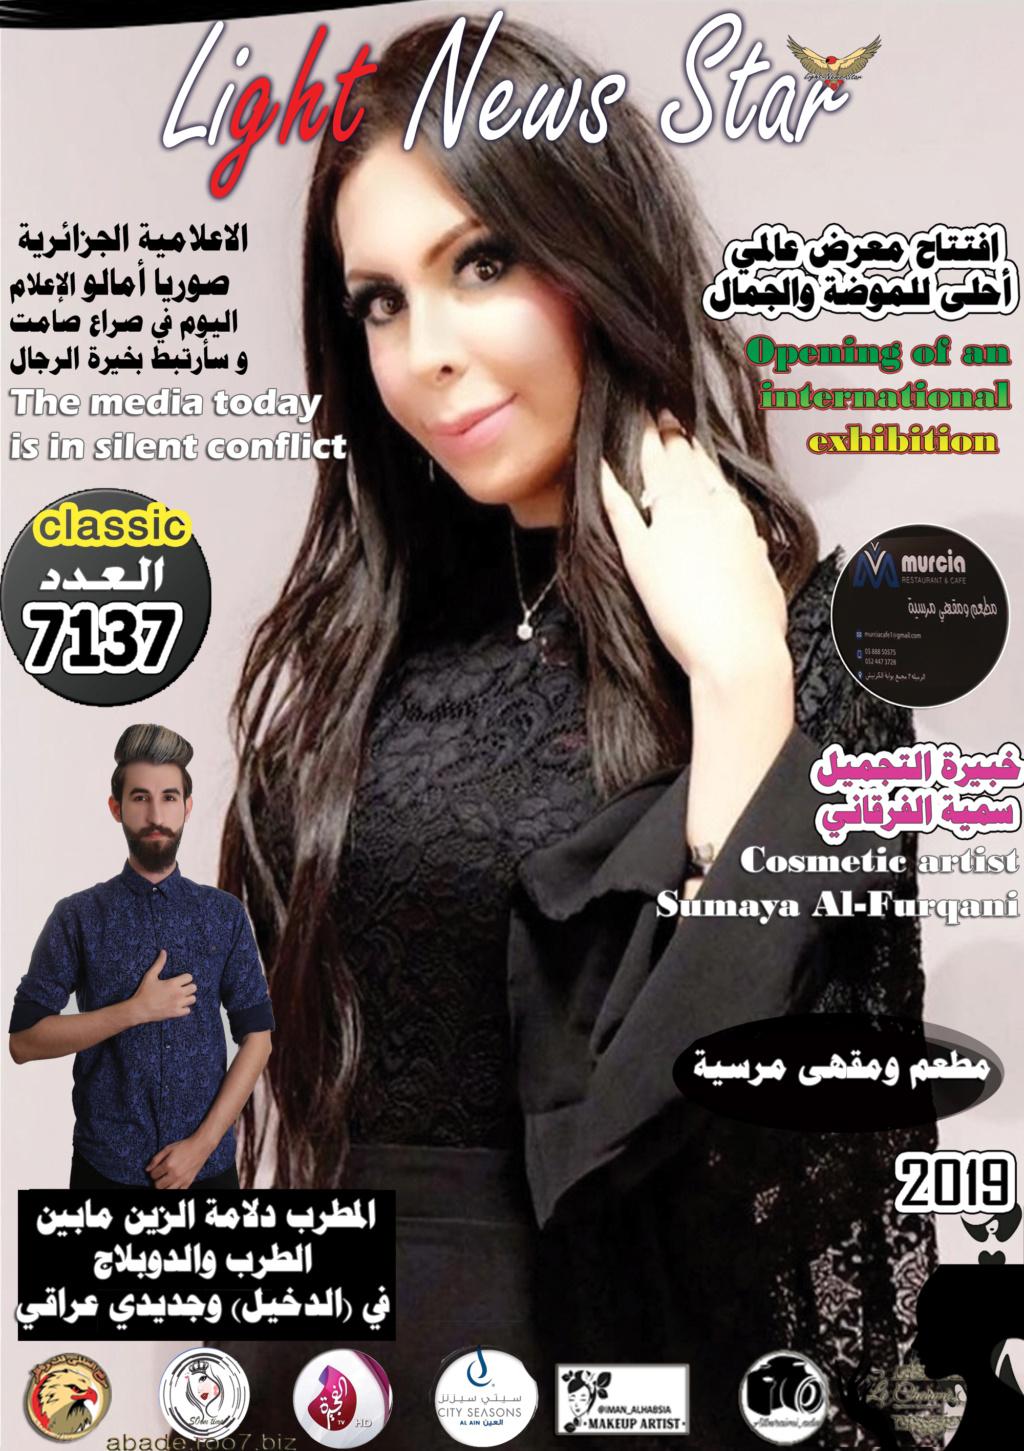 أخبار نجوم الفن والمشاهير 7137 light news star من المصدر l المطرب دلامة الزين مابين  الطرب والدوبلاج  في (الدخيل) وجديدي عراقي Aai011